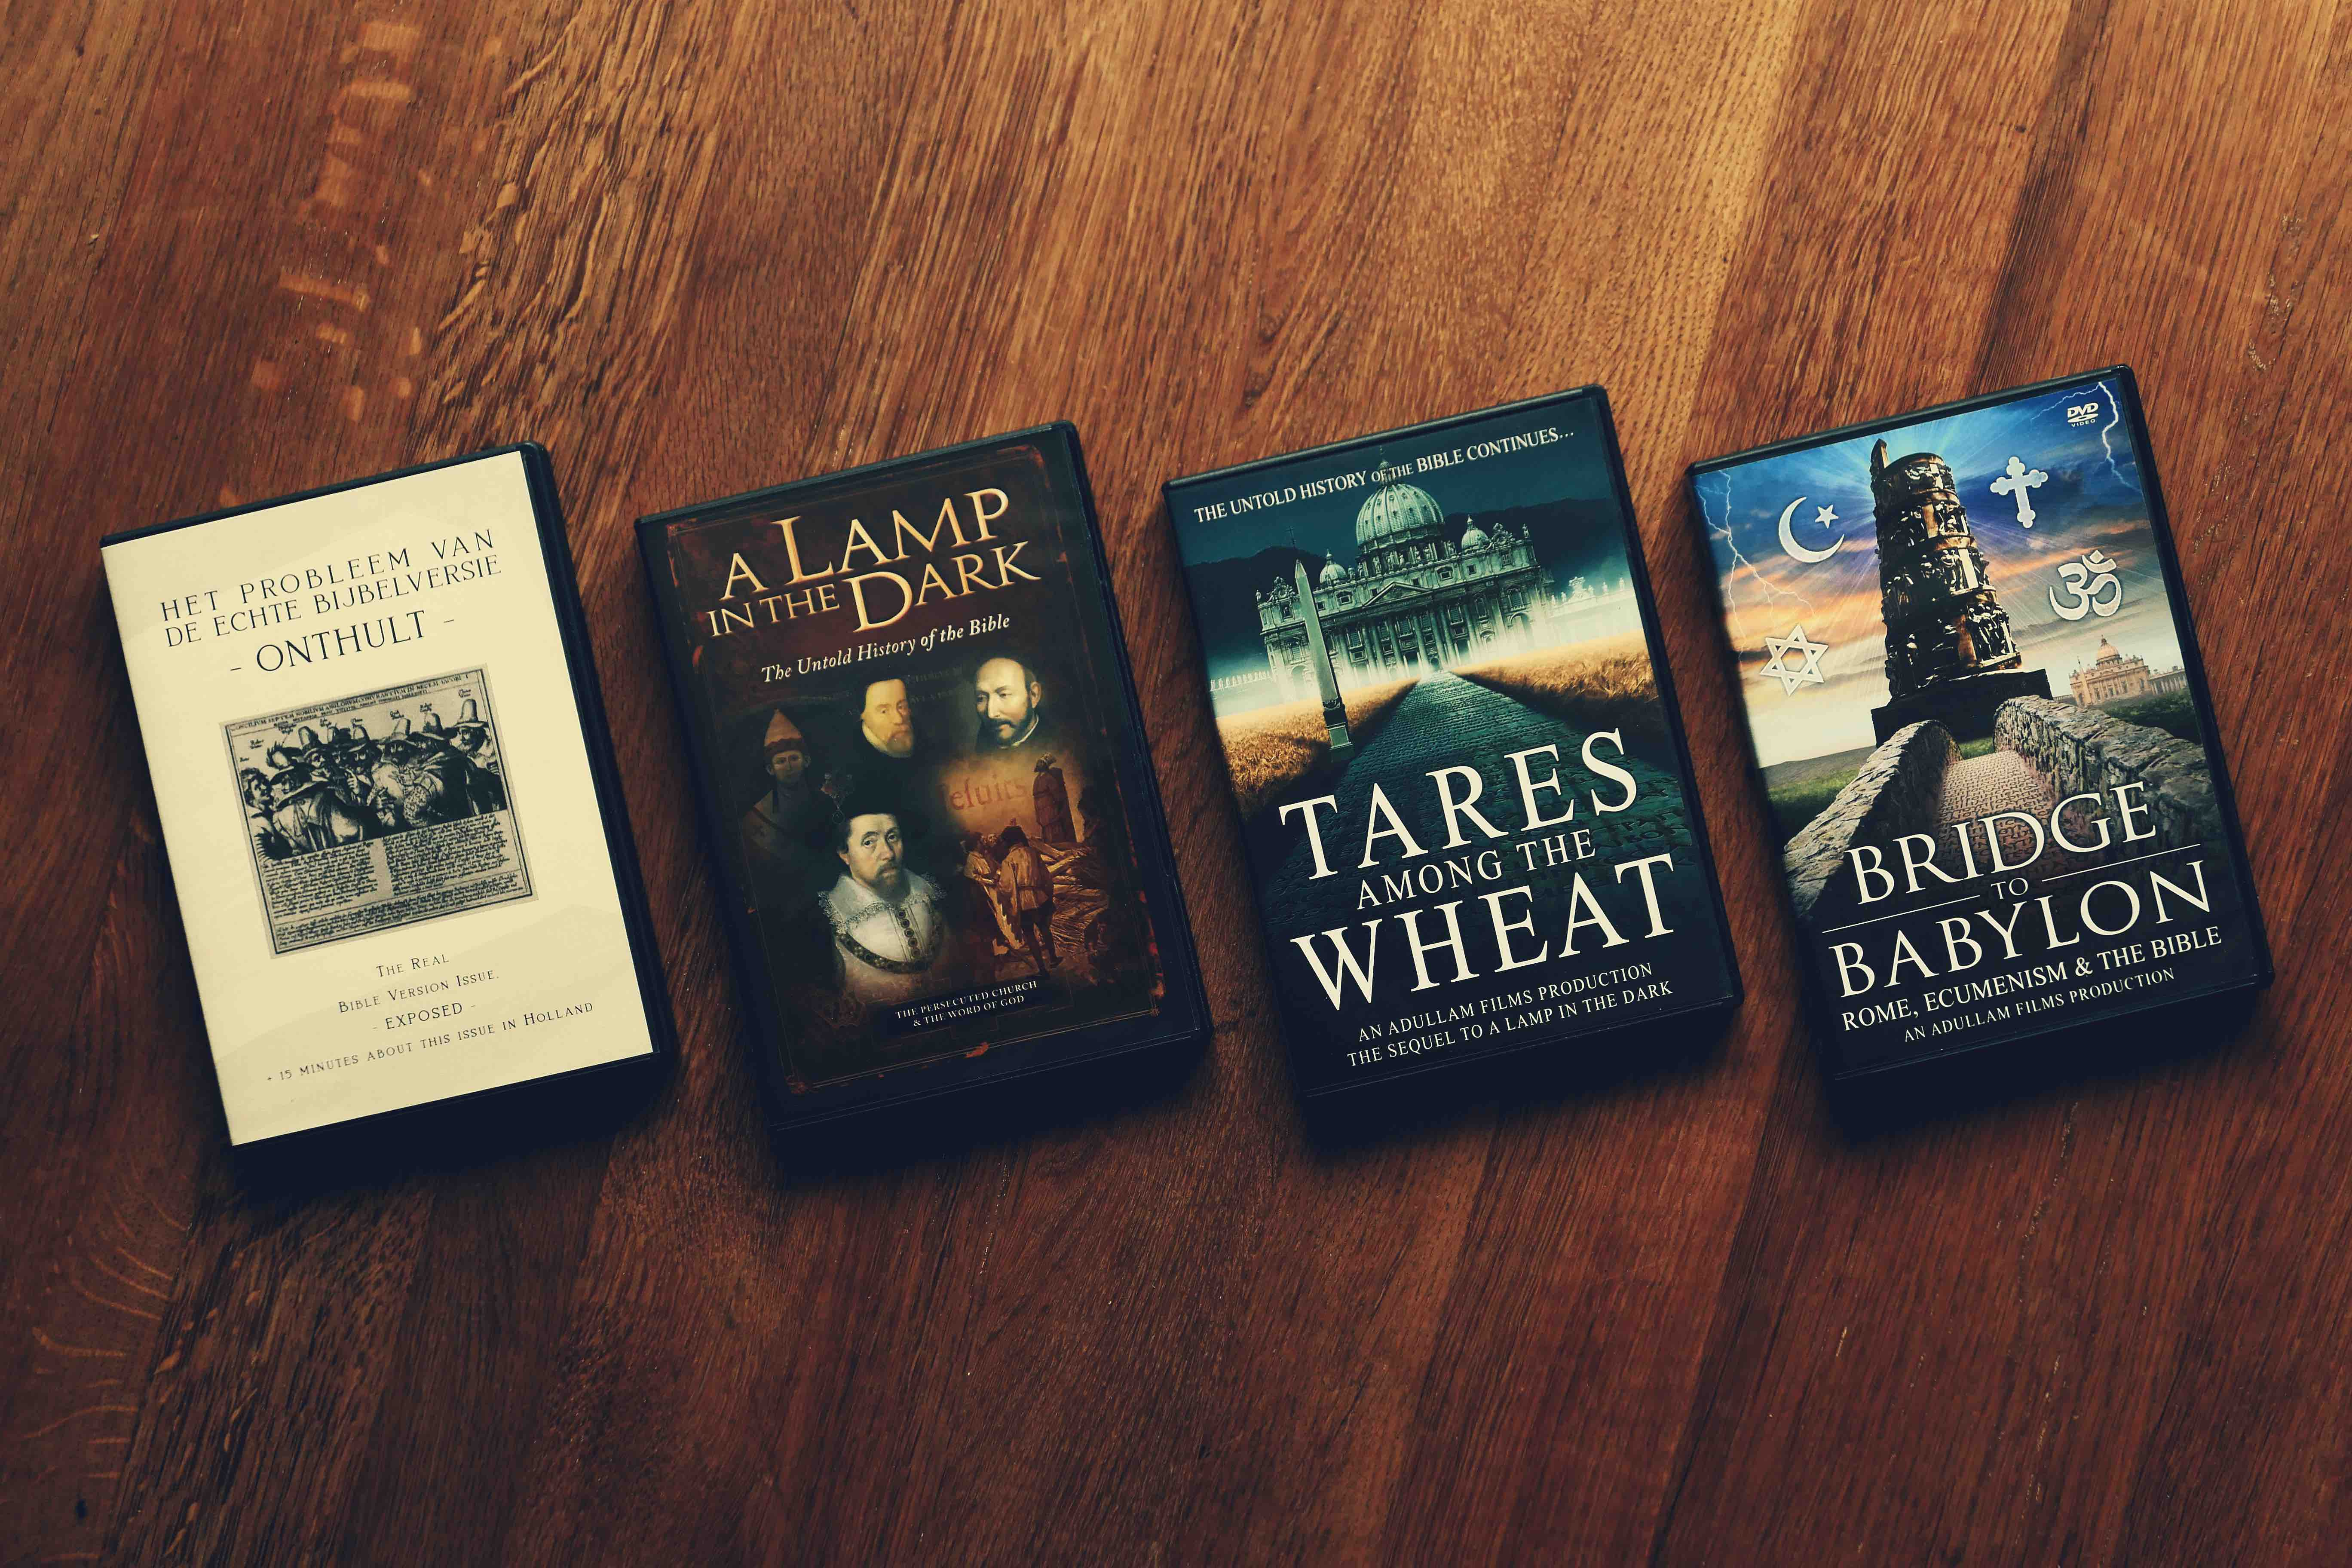 Belangrijke kerkgeschiedenis en documentaires over de Bijbel